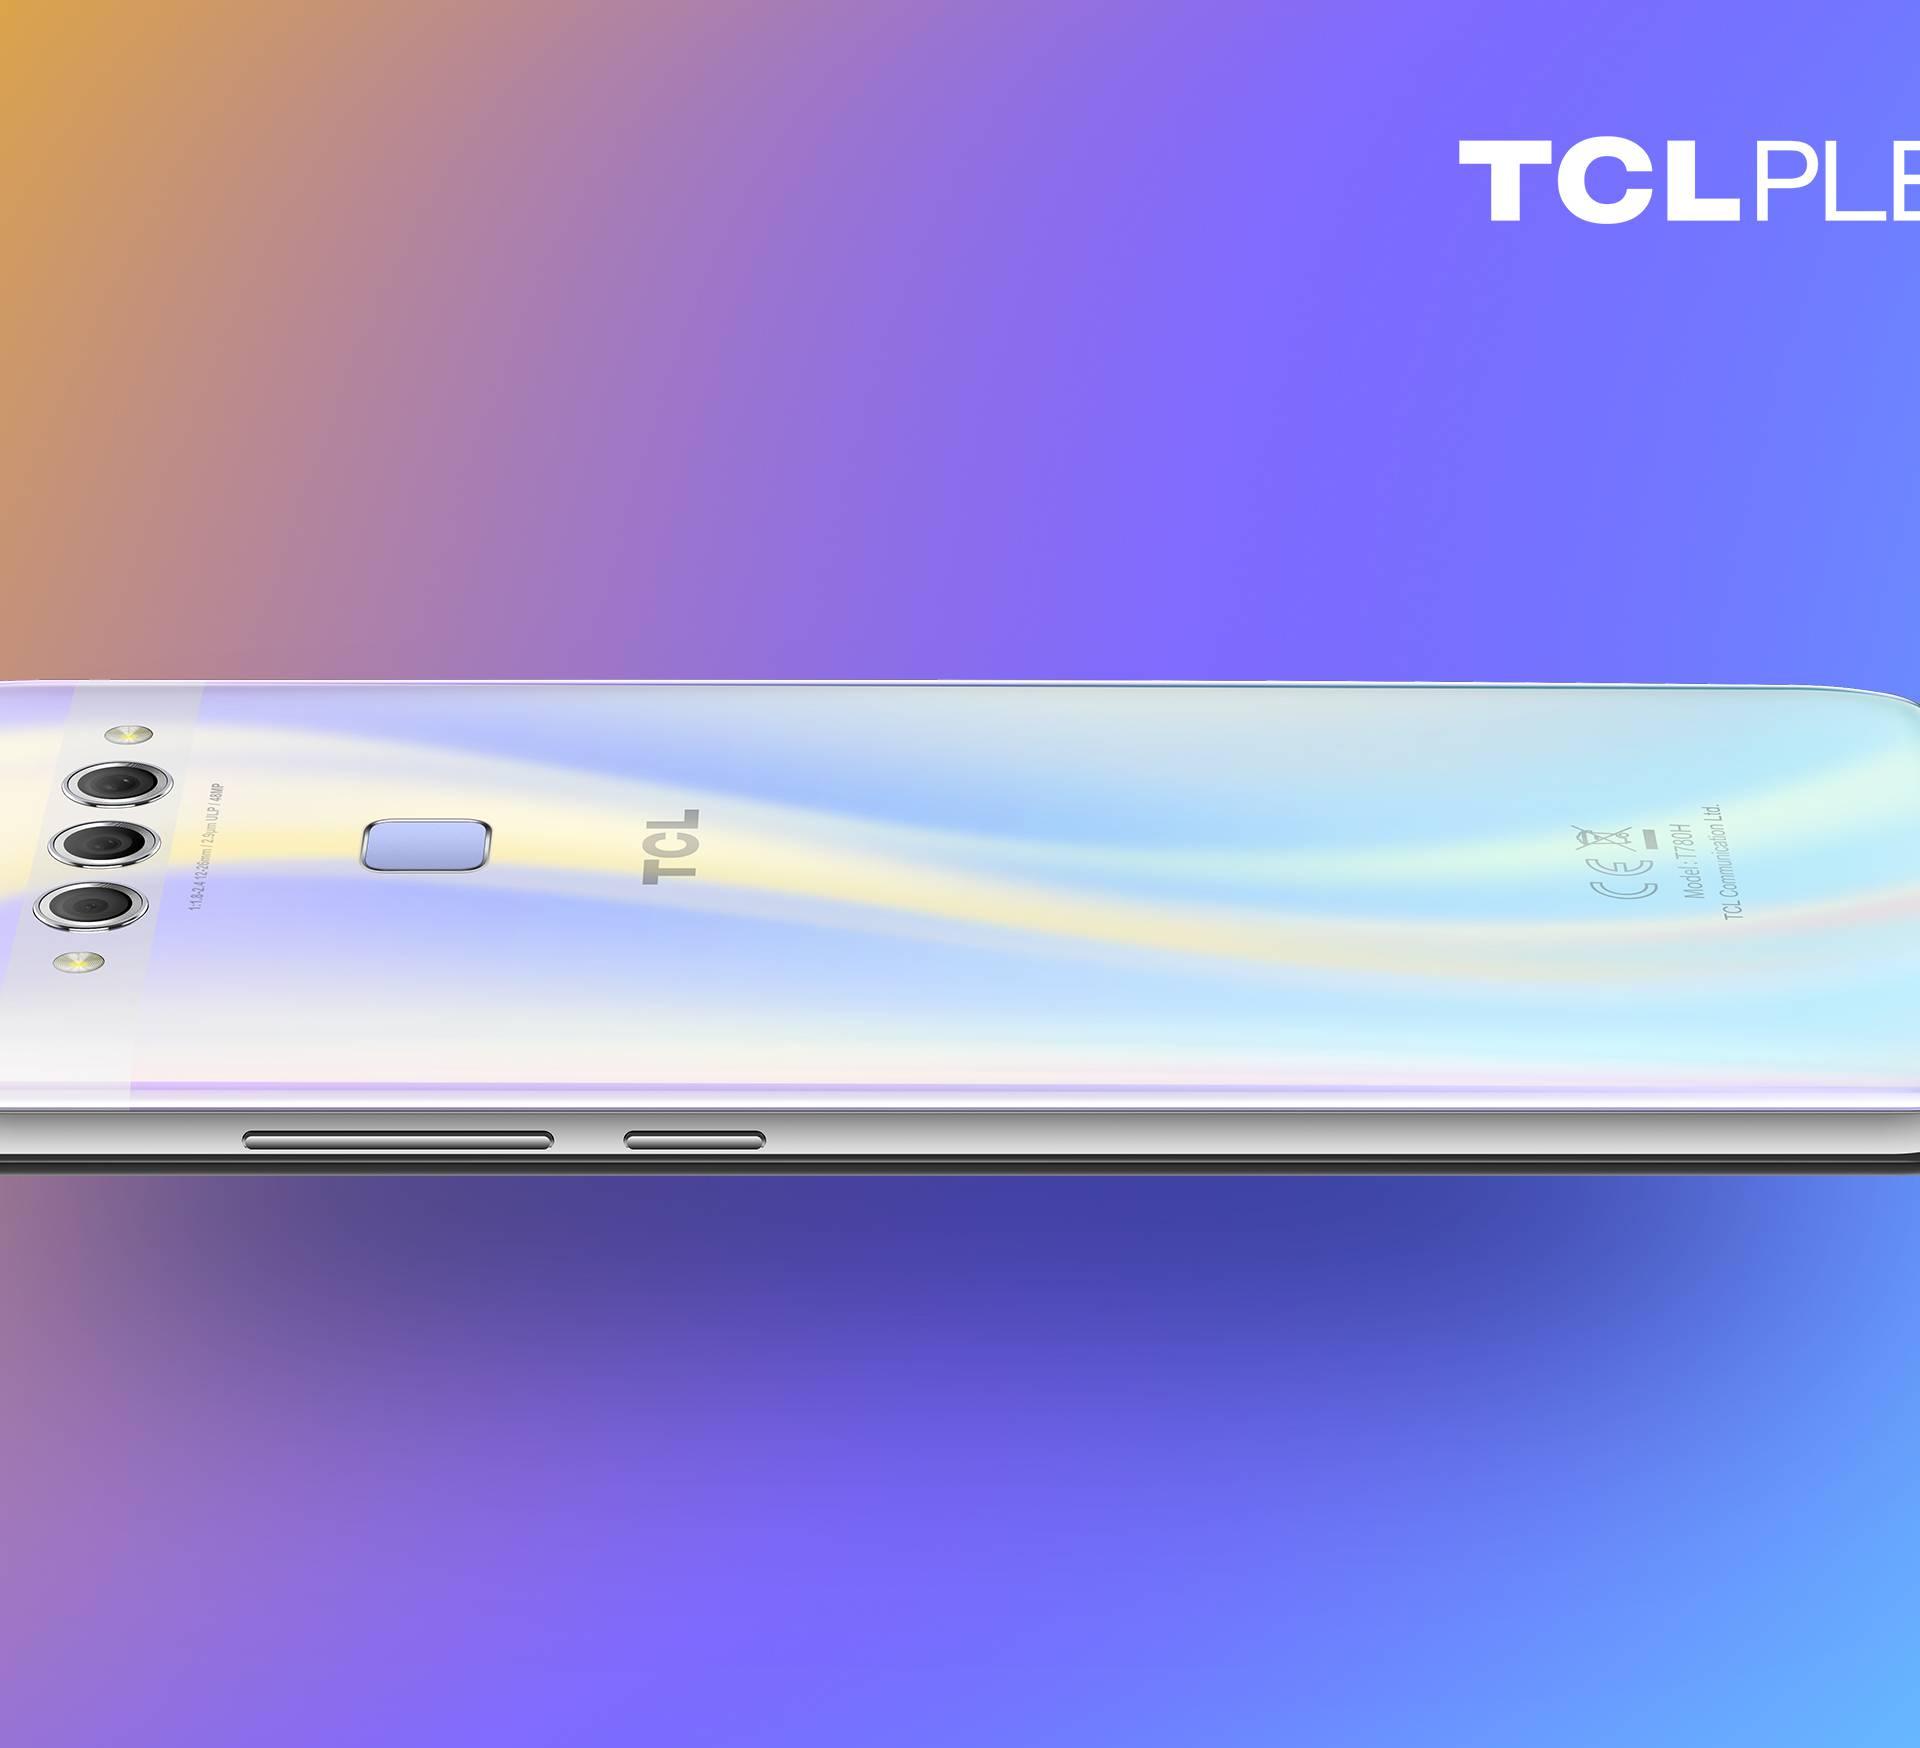 Nudi puno, traži malo: TCL-ov prvi mobitel dolazi s tri kamere